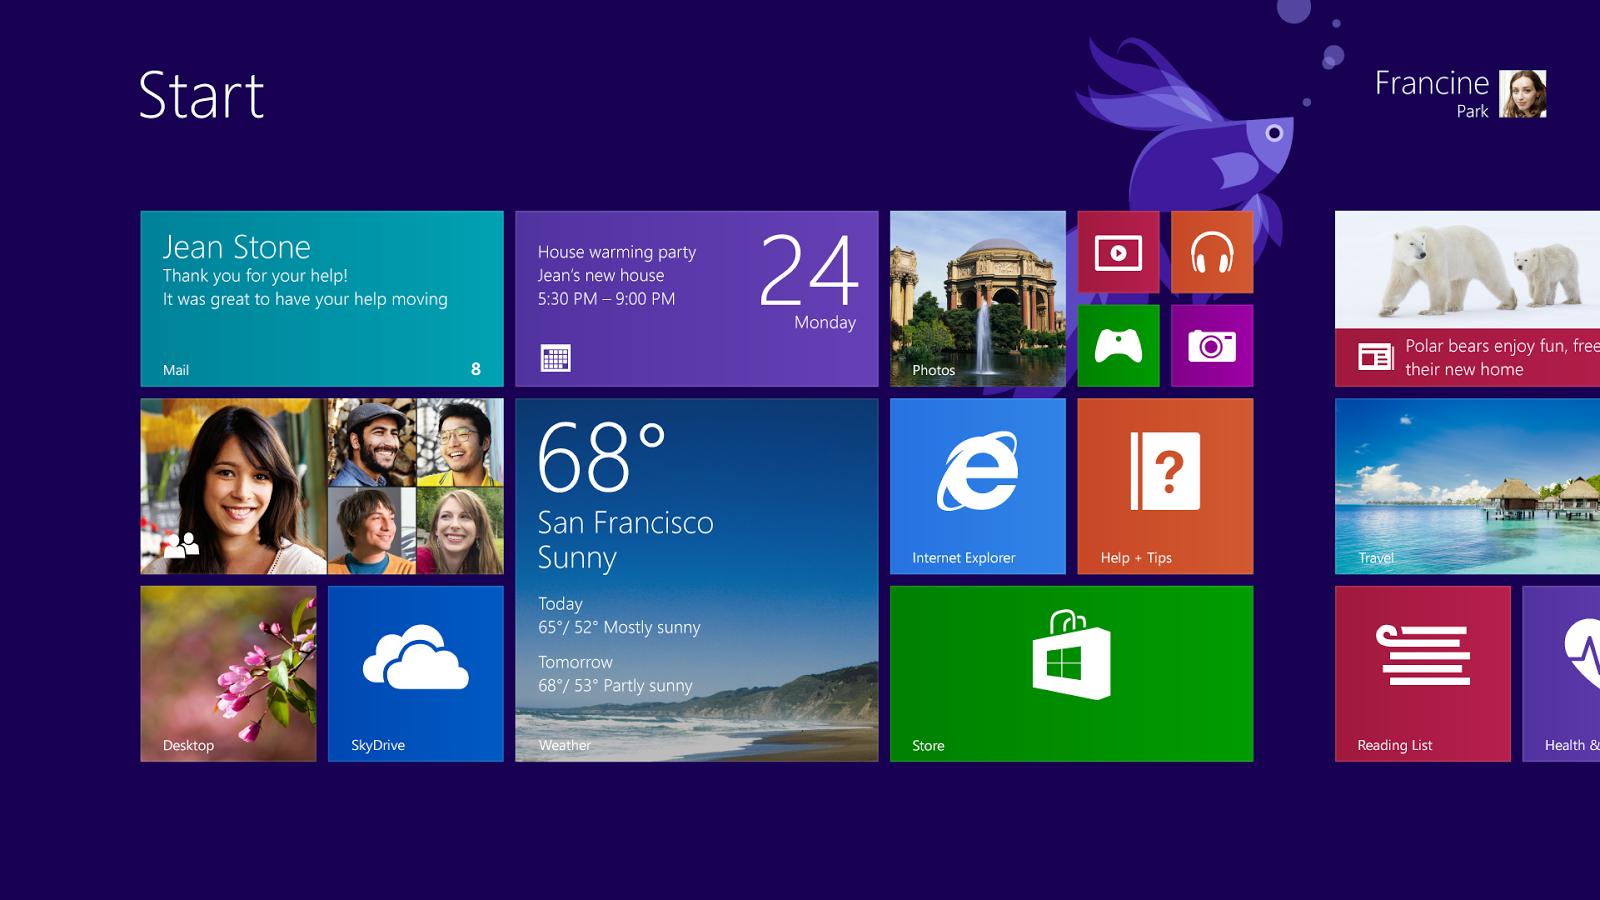 """<img src=""""http://2.bp.blogspot.com/-UfCcjveXjw0/U0ZSydhux4I/AAAAAAAACMk/U2dDN9MPKV0/s1600/windows-8.1.png"""" alt=""""Power user menu options of Windows 8.1"""" />"""